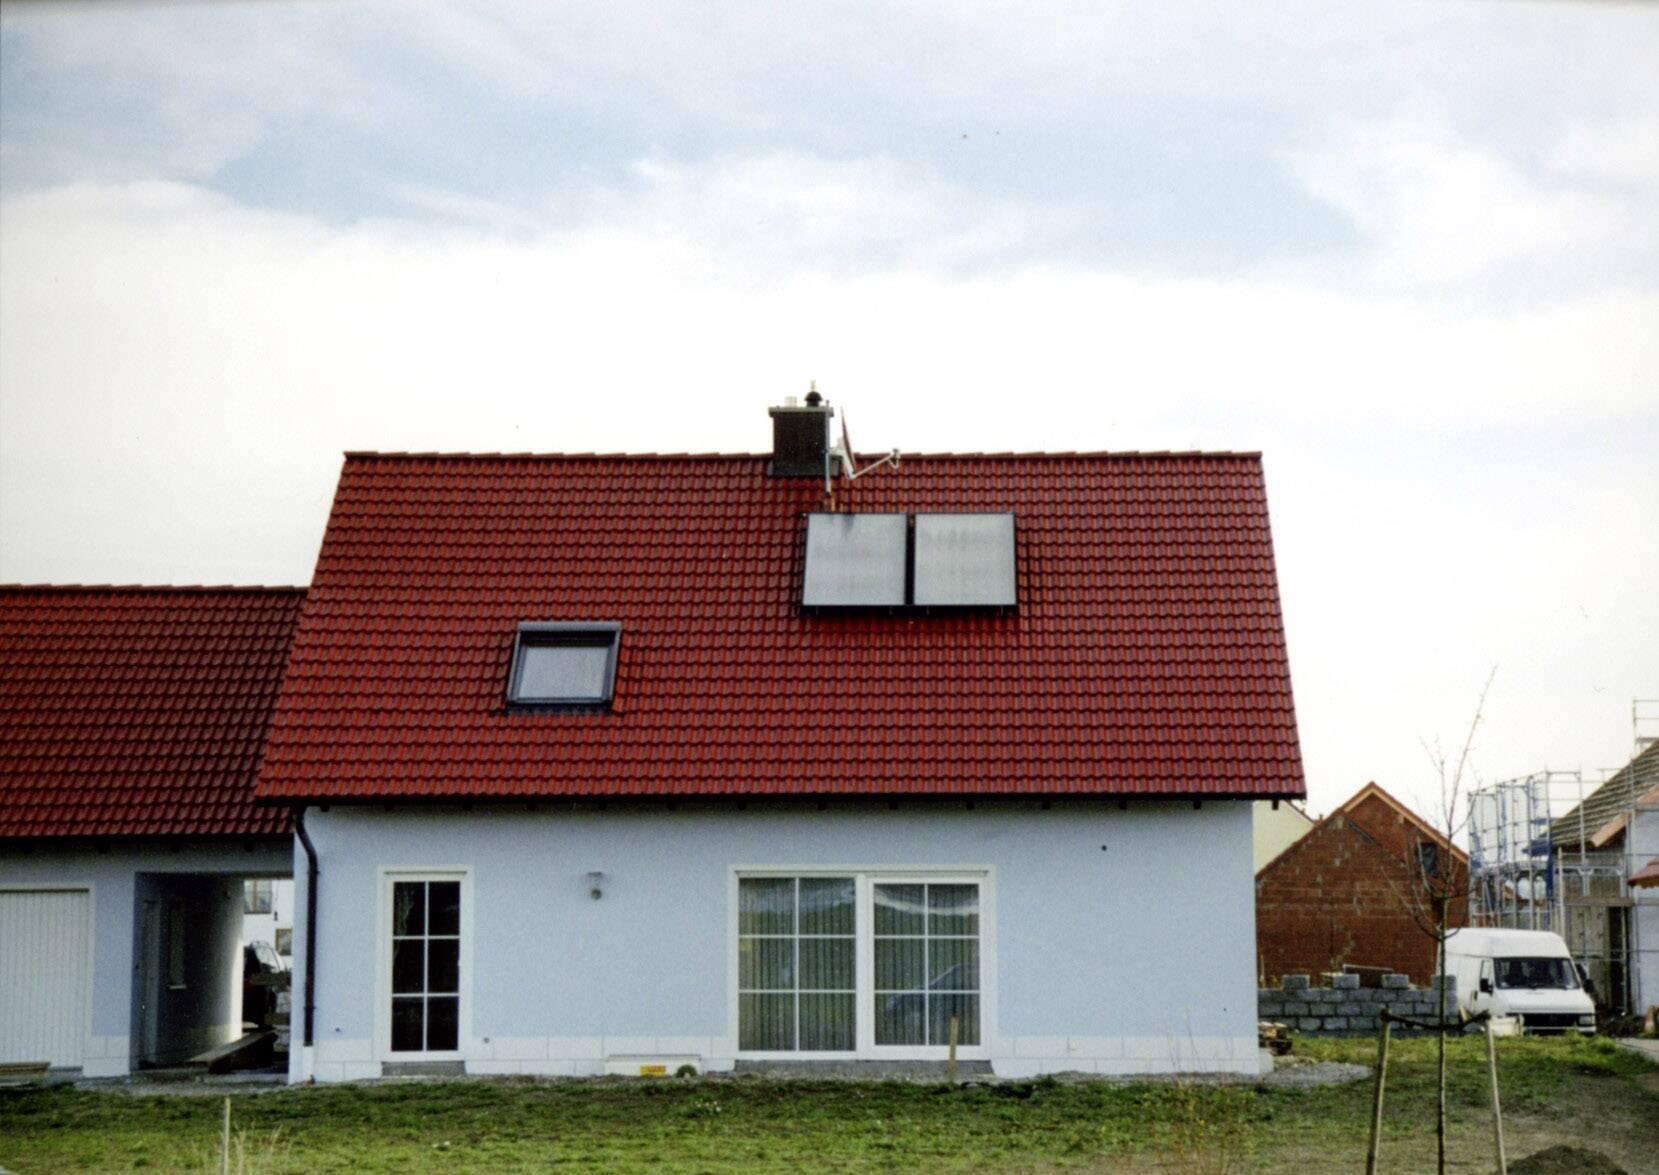 Thermische-Solaranlage SUN 5 Sunset 53000 Kollektor-Fläche 5,06 m²